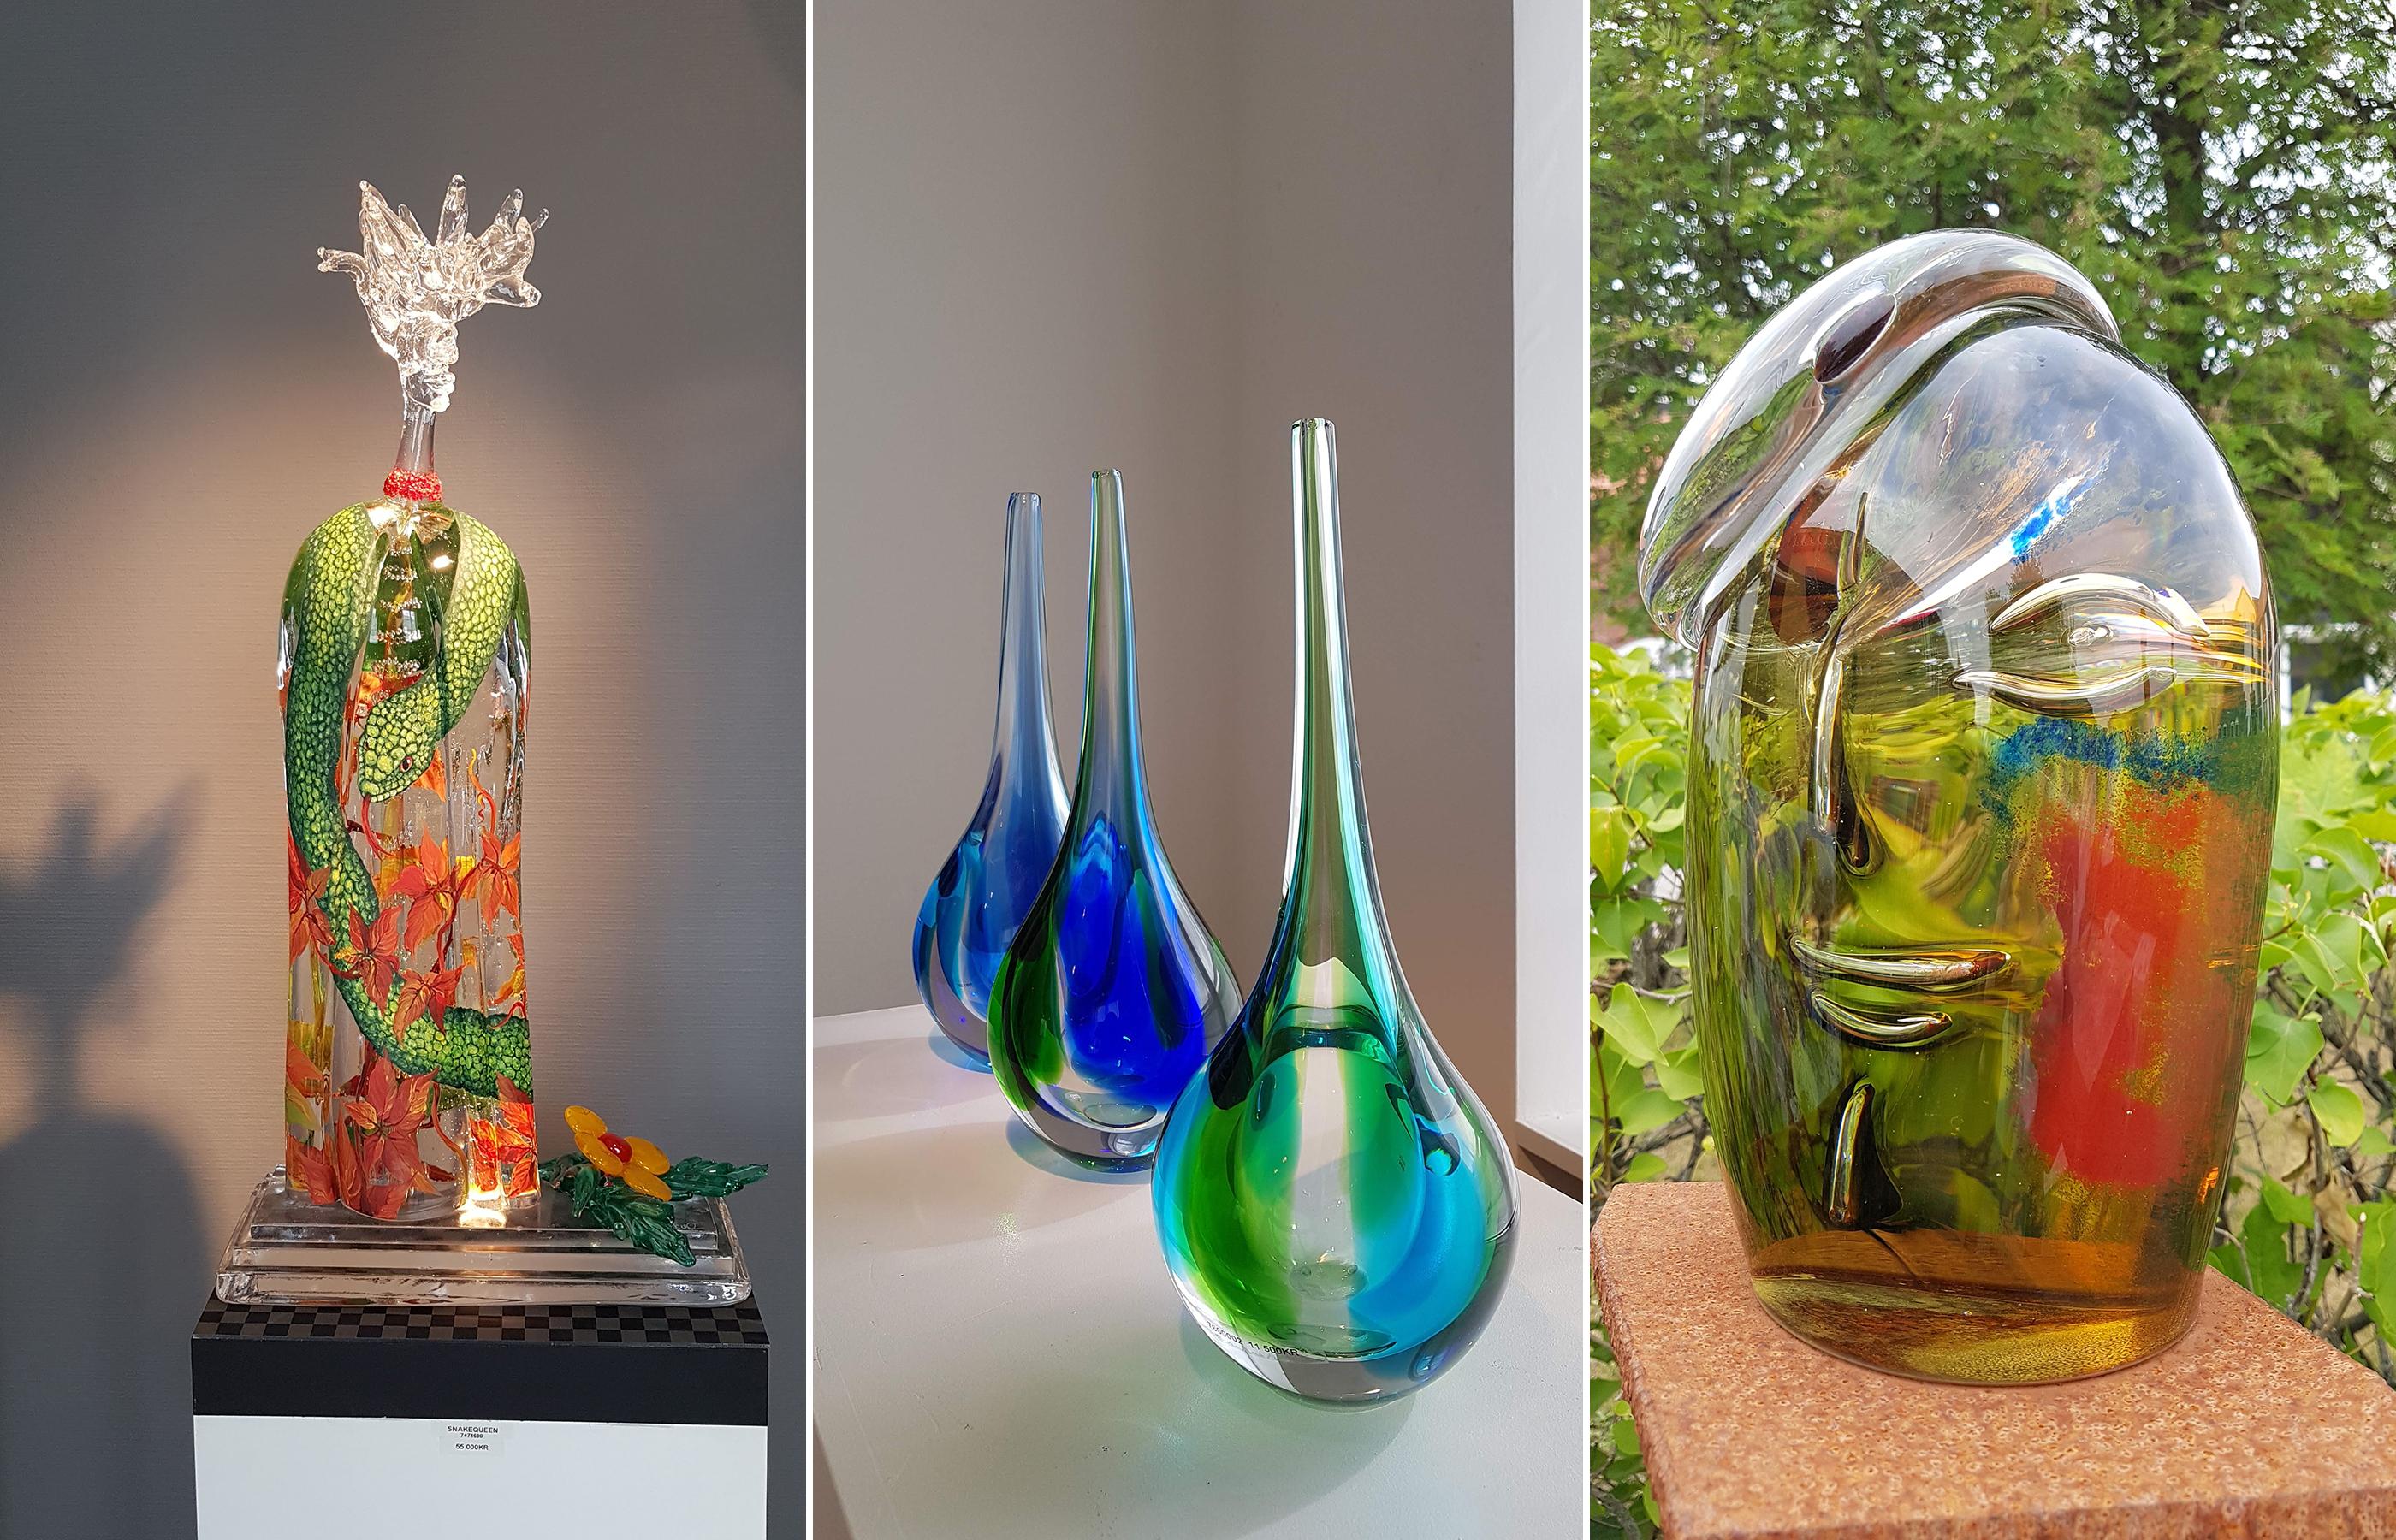 Эти хрупкие произведения из стекла своими радужными бликами преобразят самый скромный интерьер